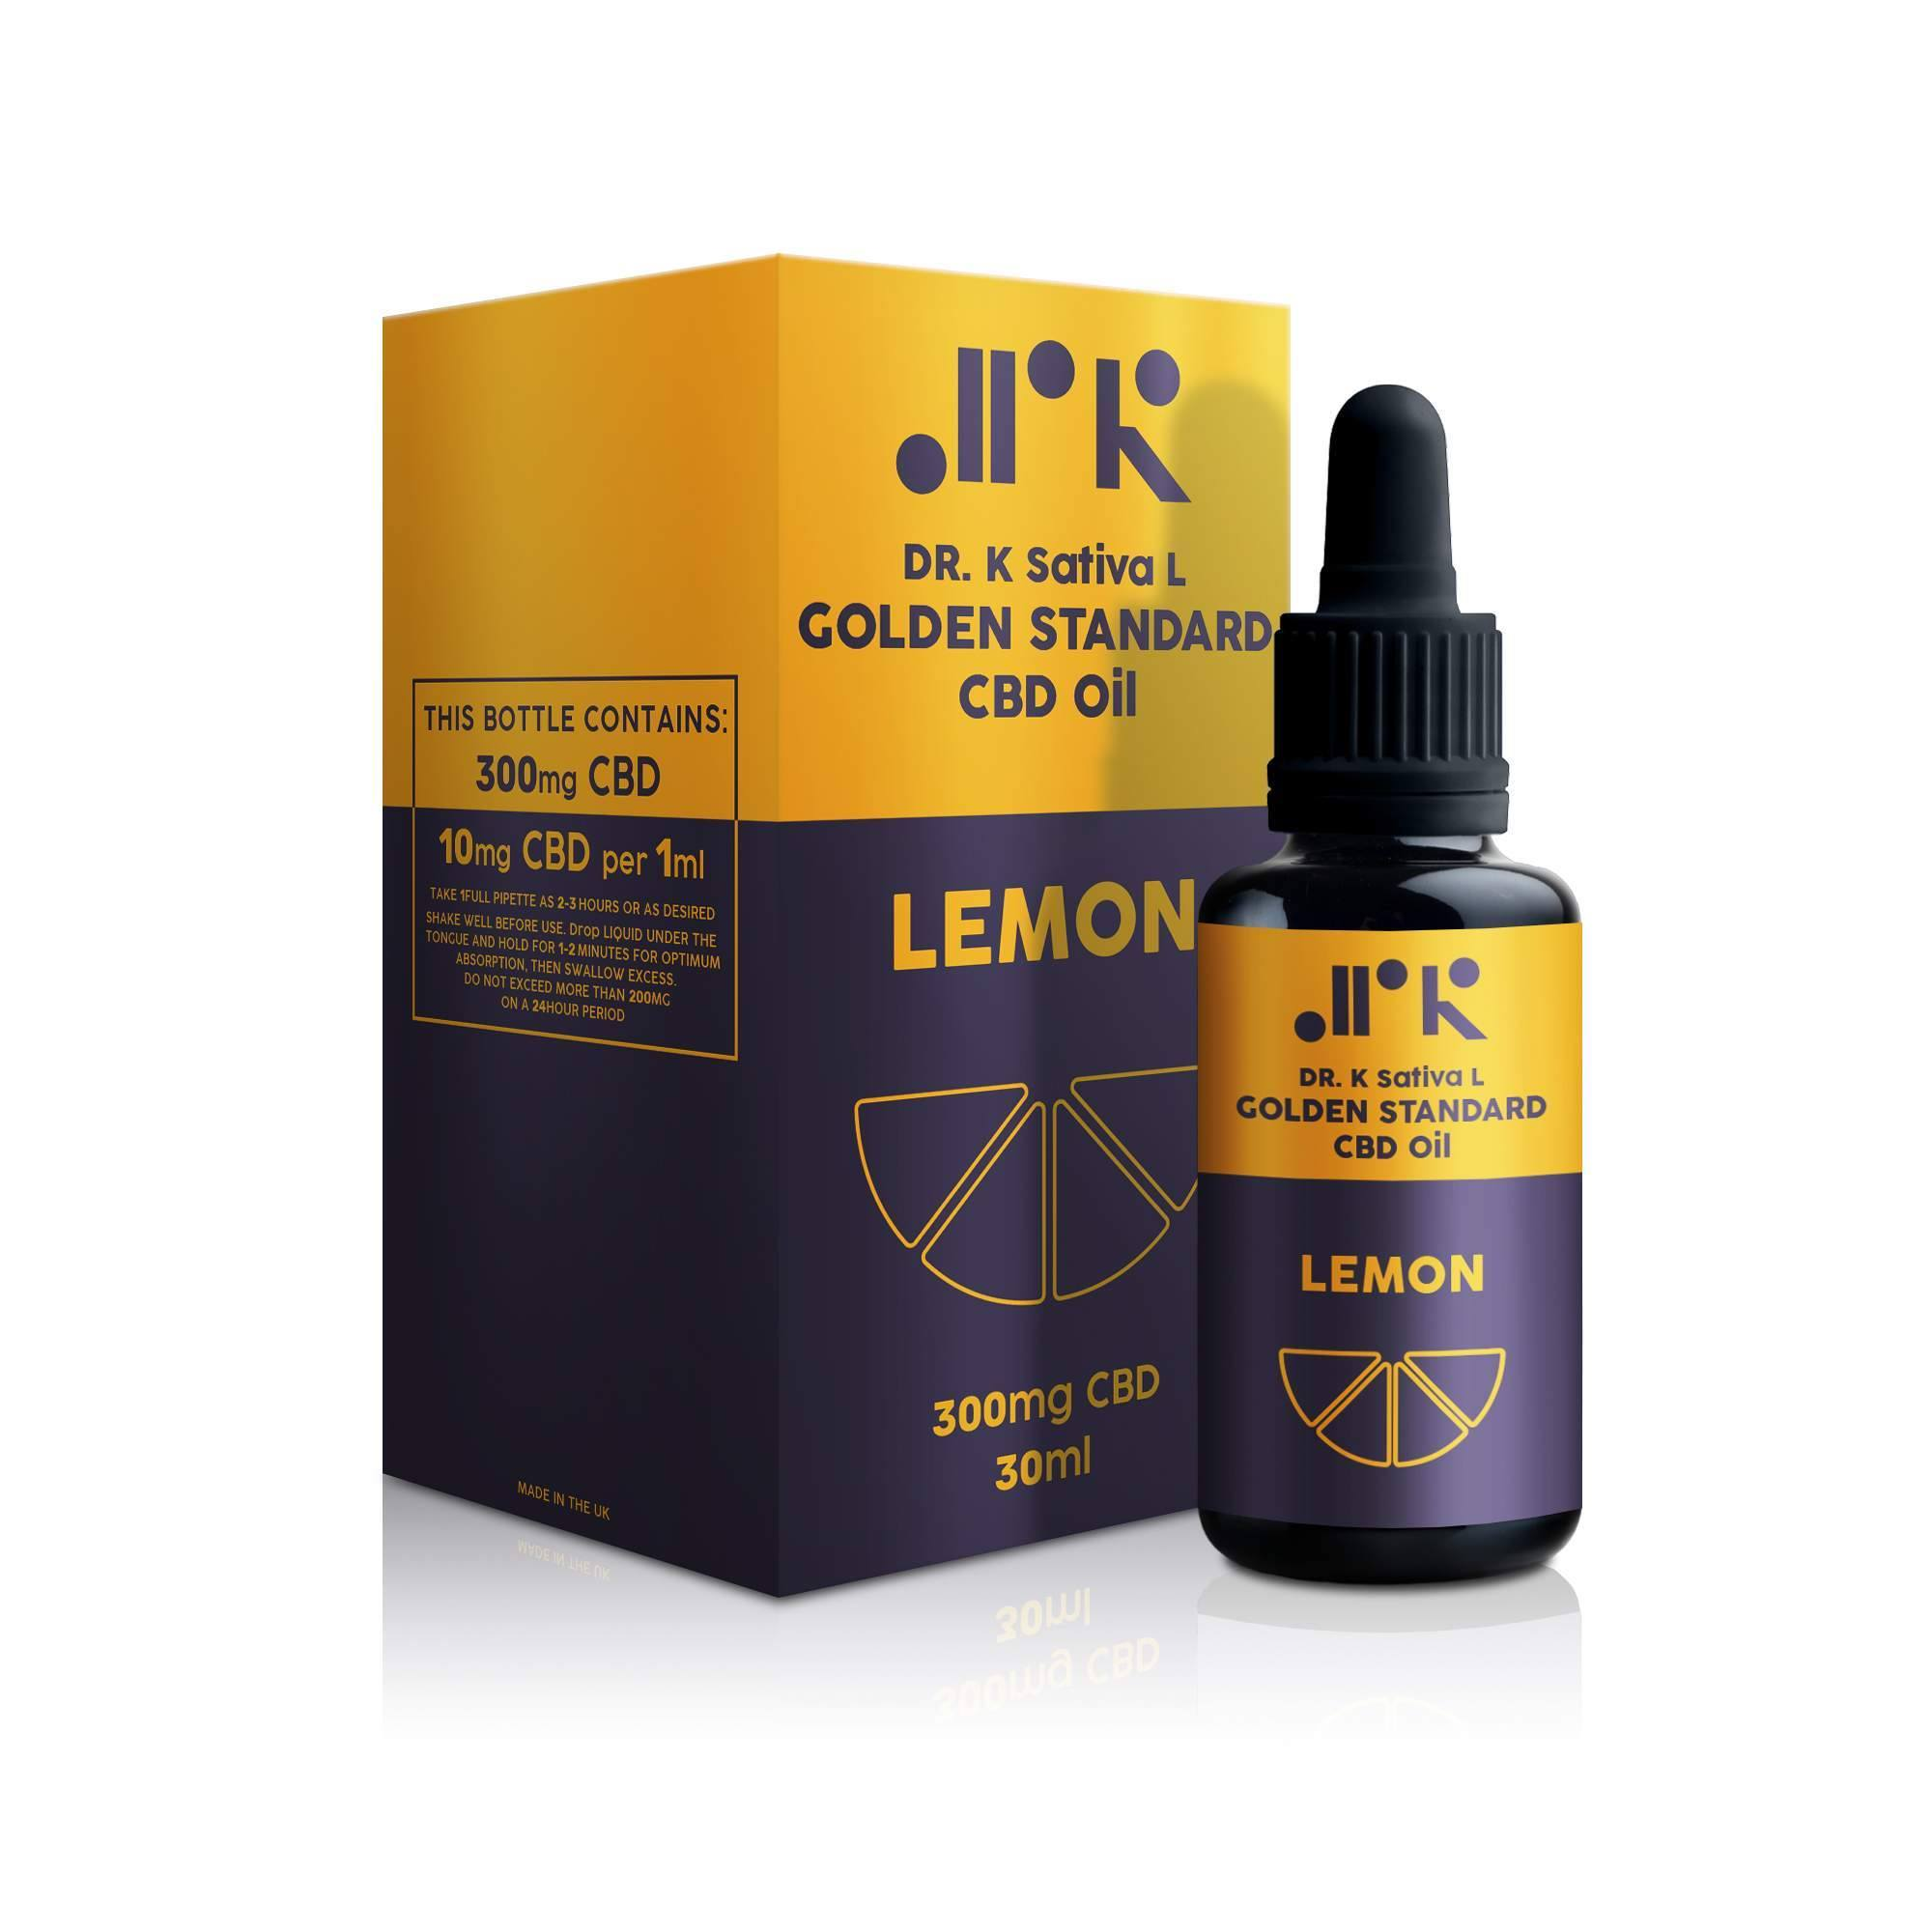 Lemon Golden Standard CBD Oil